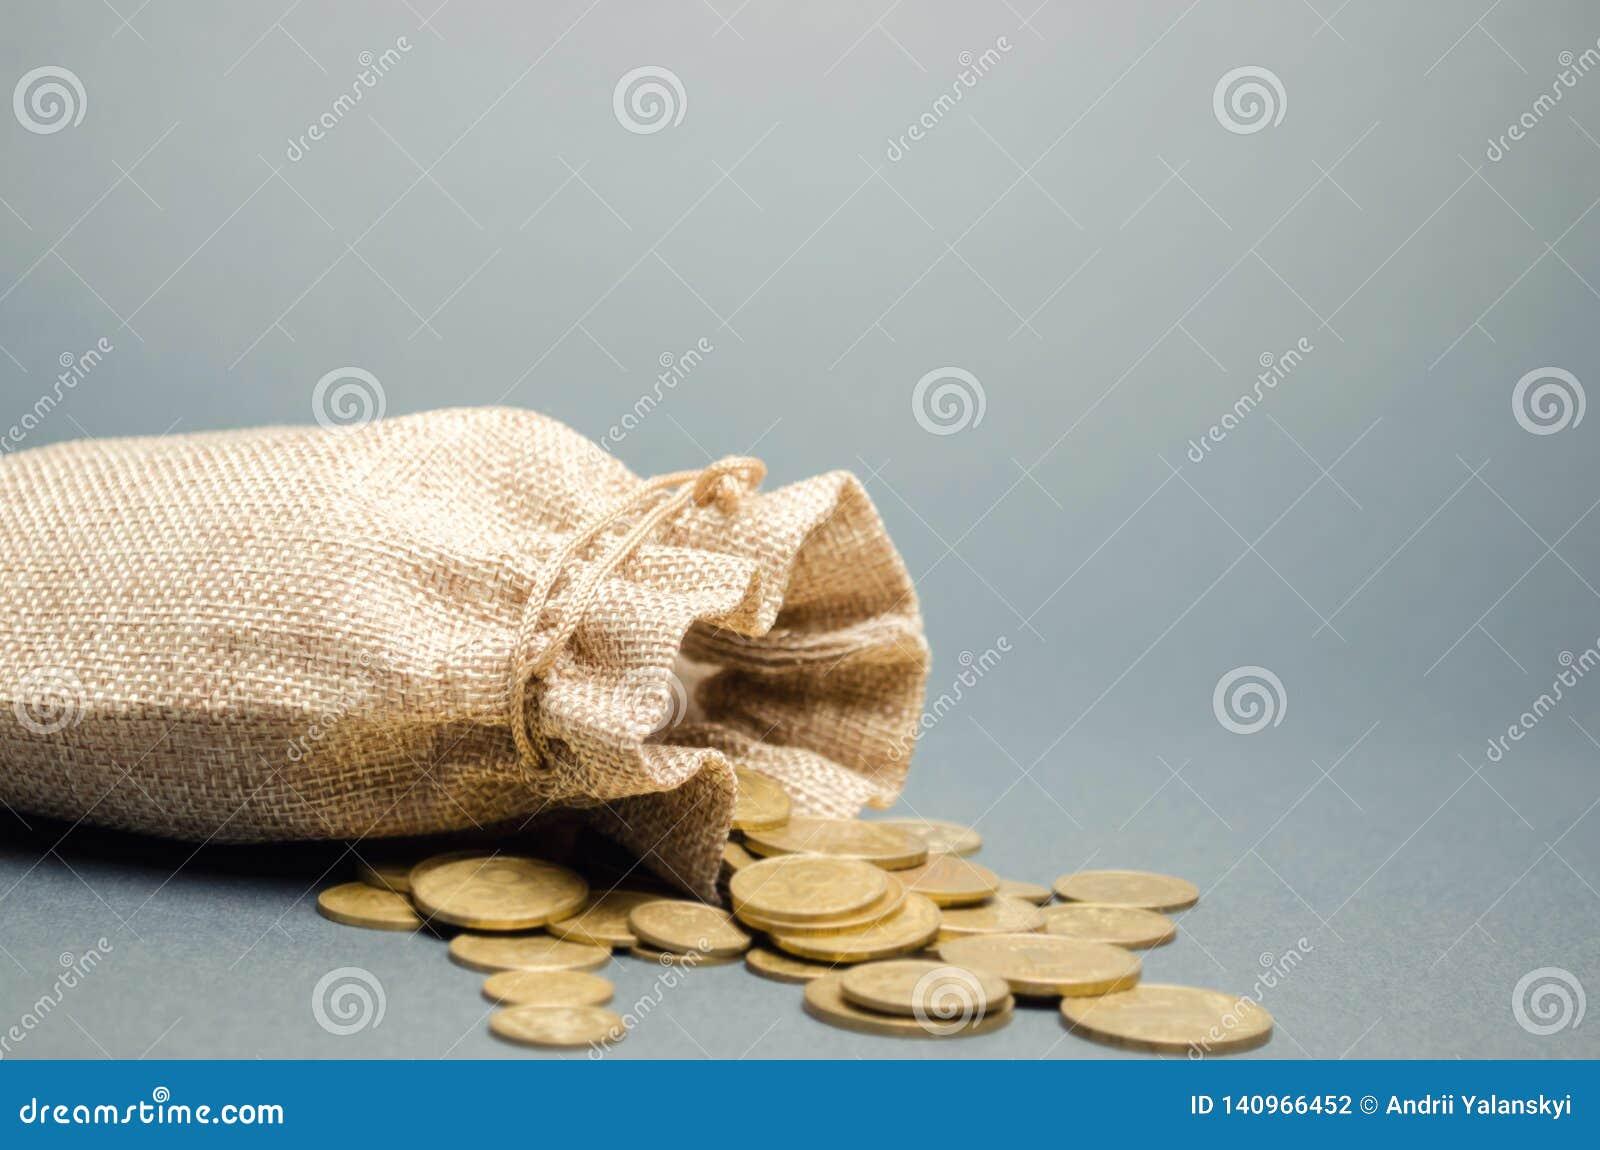 落从它的金钱袋子和硬币 储款和经济的概念 定金 成本控制 赢利和流动资产 现金